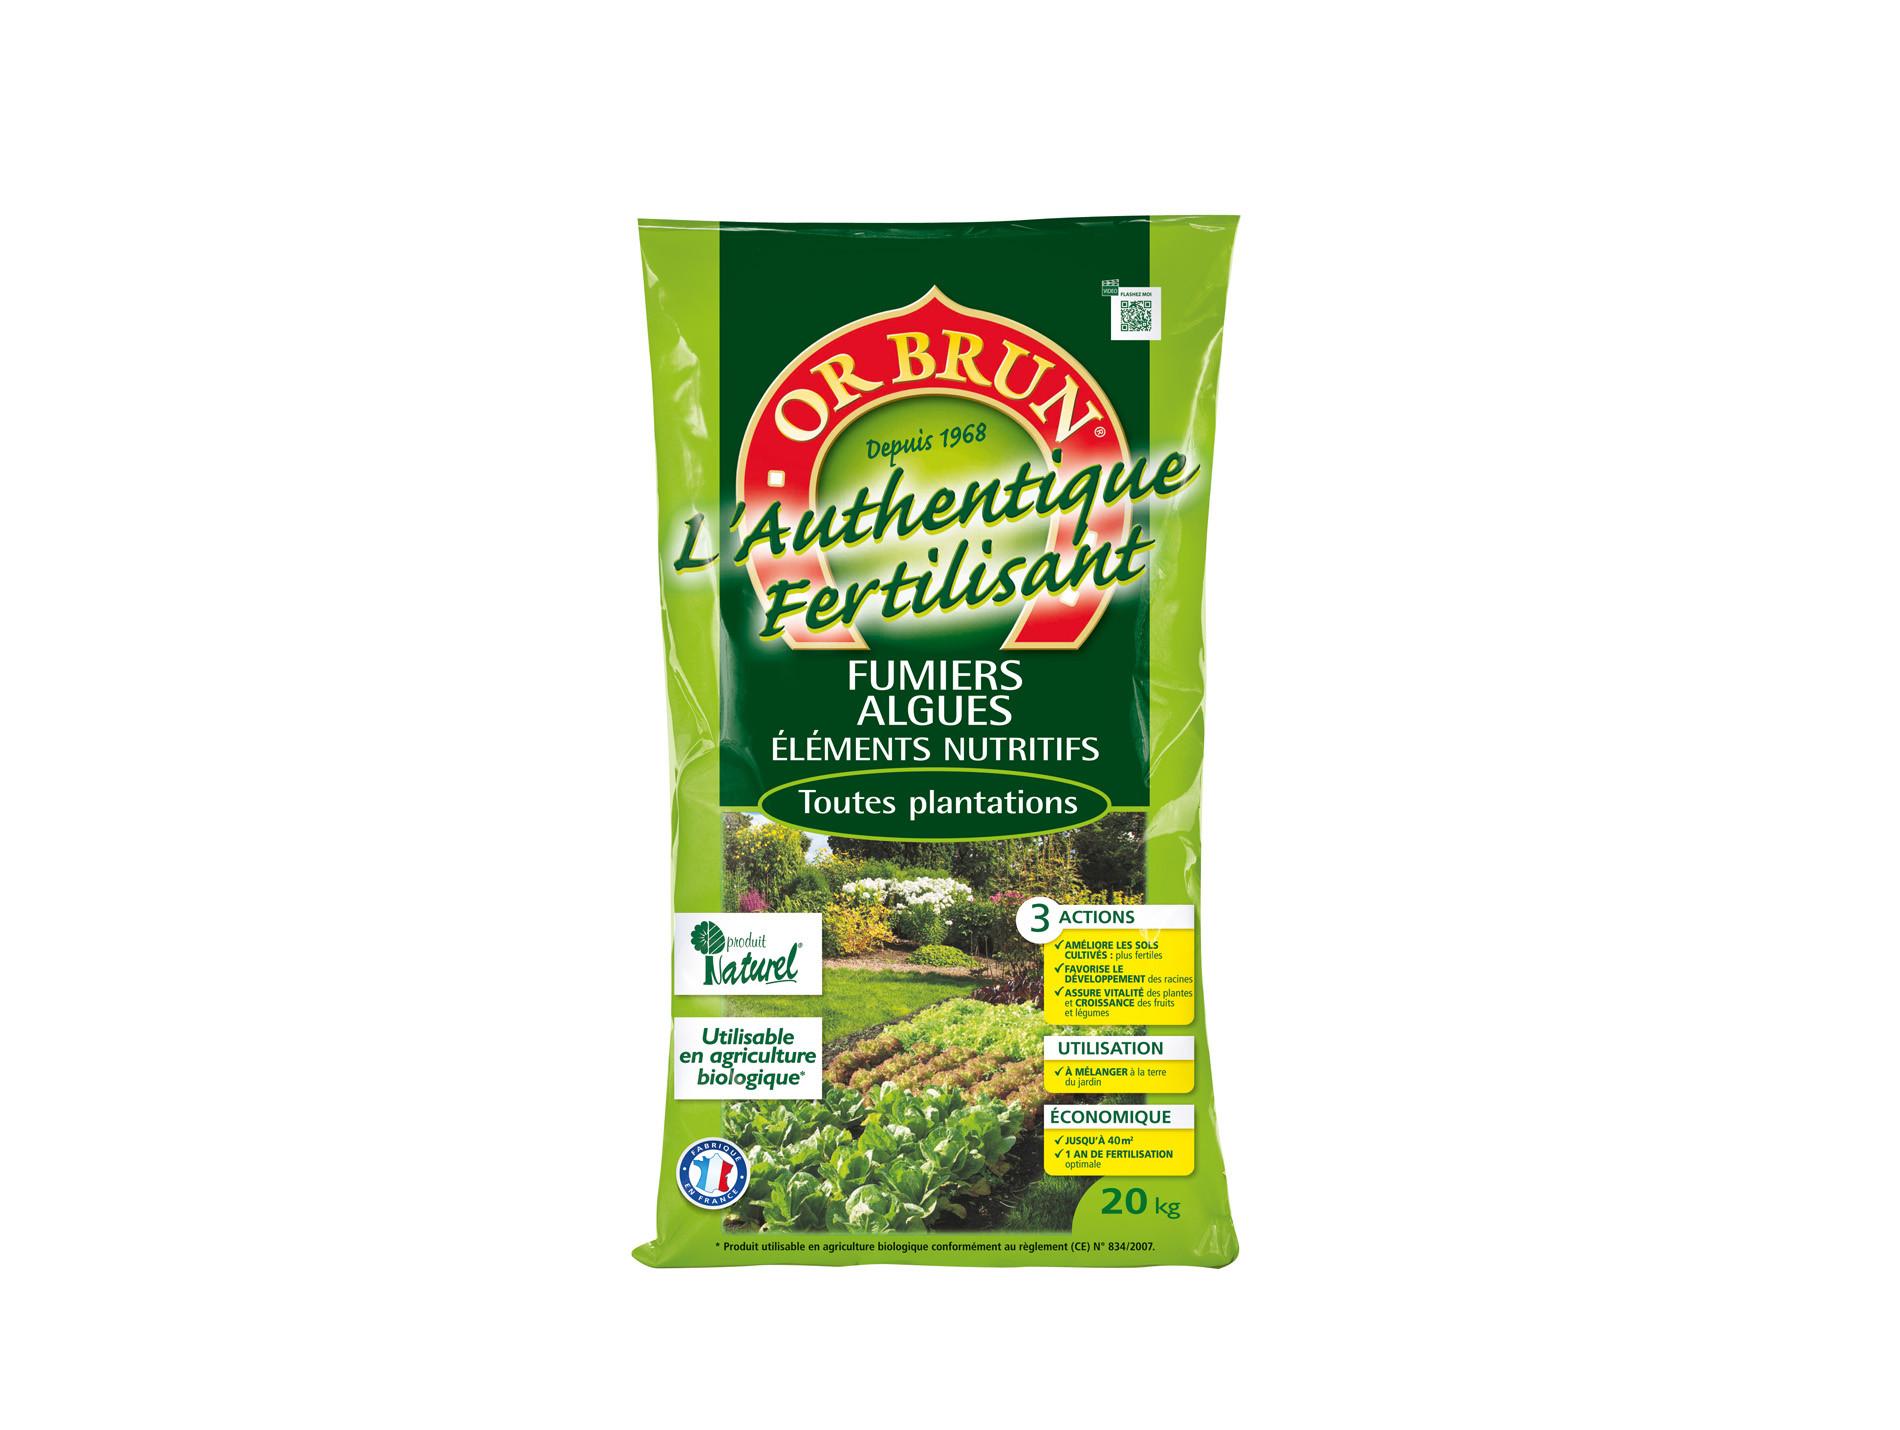 L'Authentique Fertilisant 20kg ORBRUN